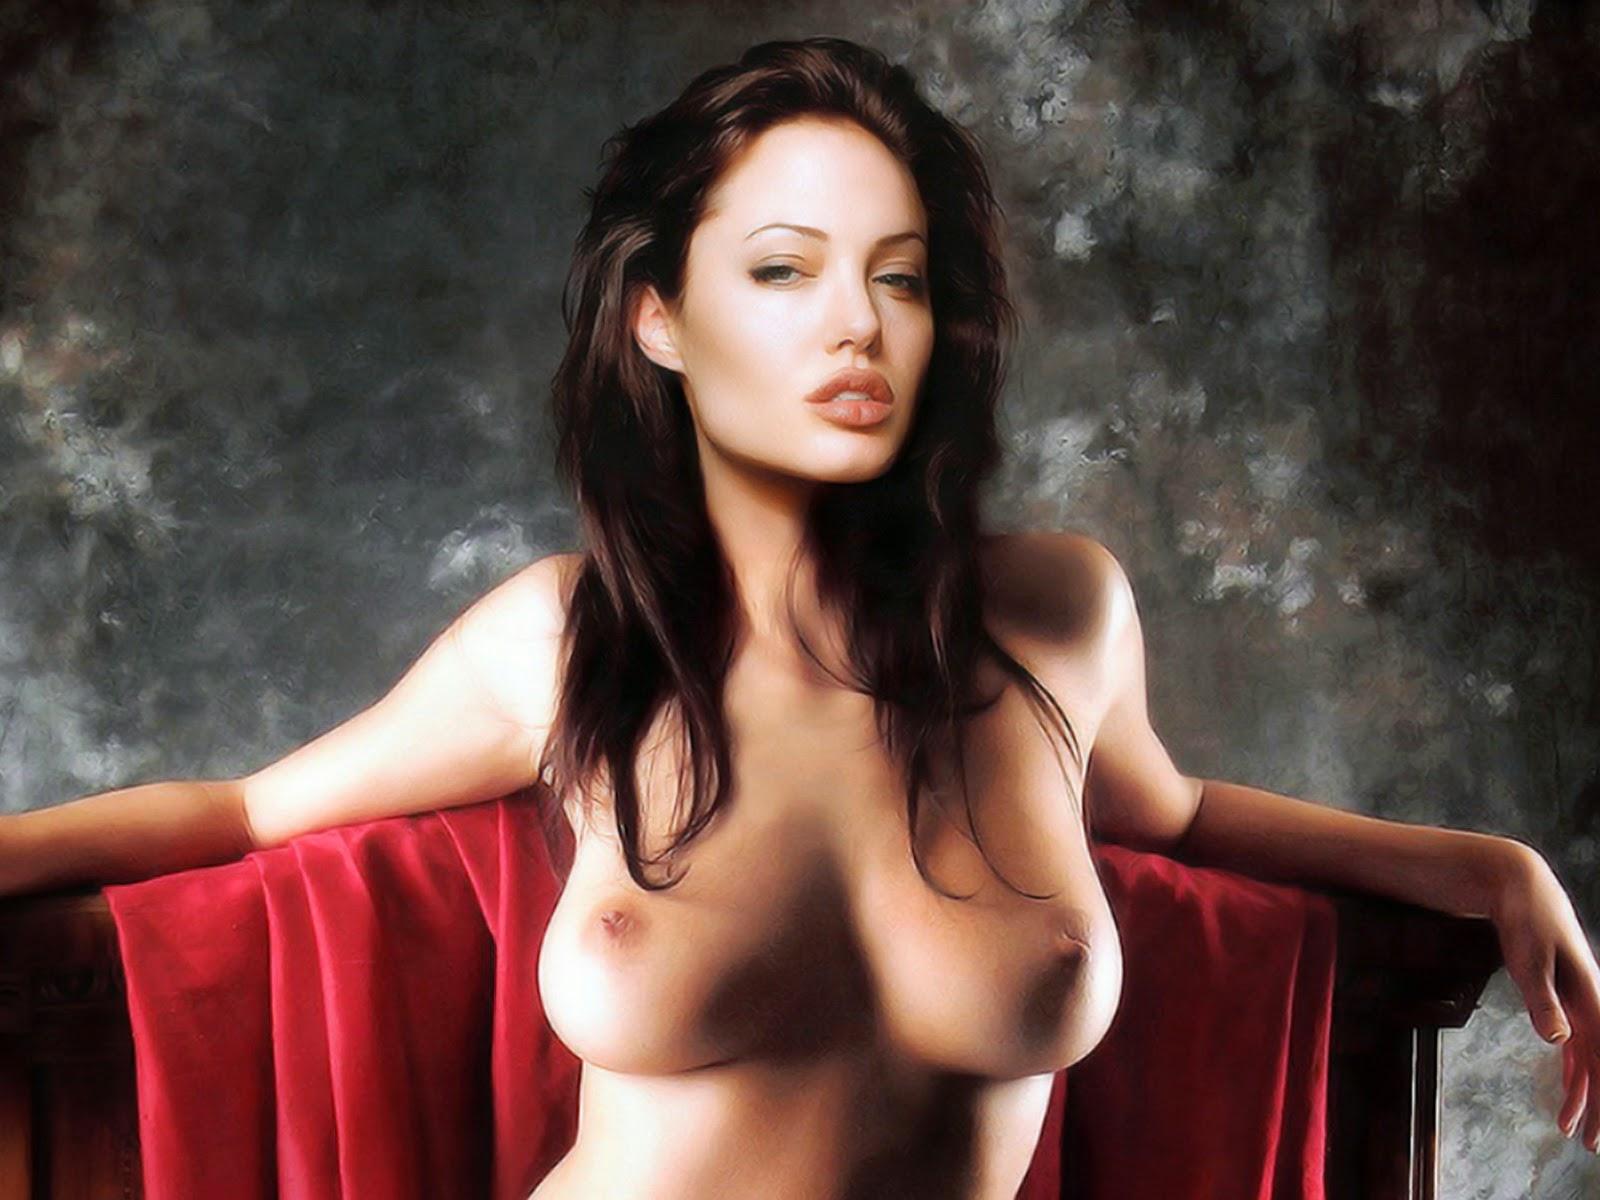 Самые красивые голые артистки, 40 самых сексуальных отечественных актрис (41 фото) 2 фотография